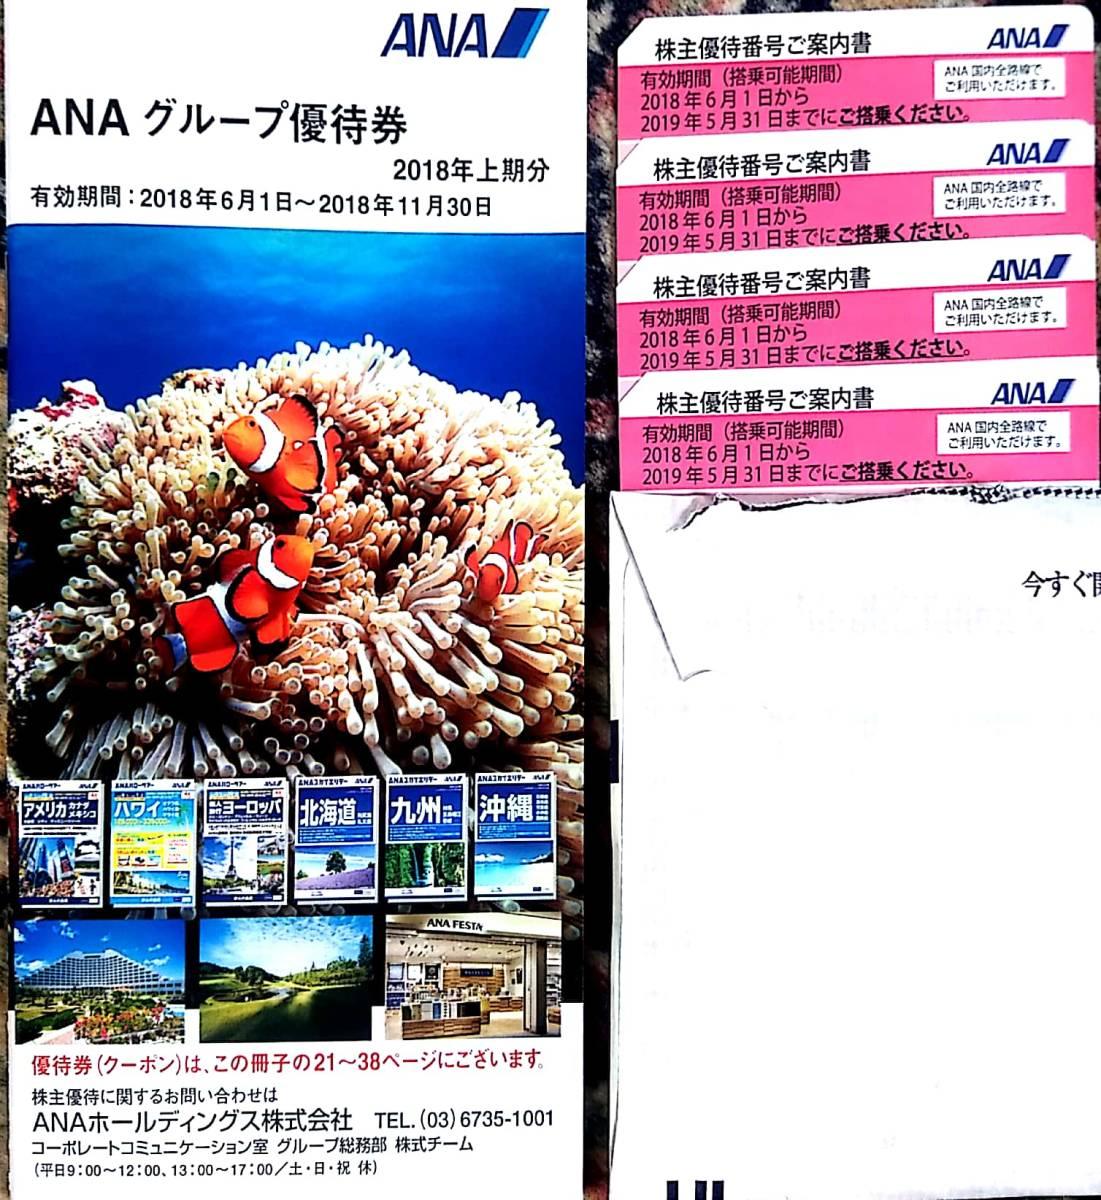 送料無料!!ANA株主優待券4枚セット!*有効期間2019年5月31日まで